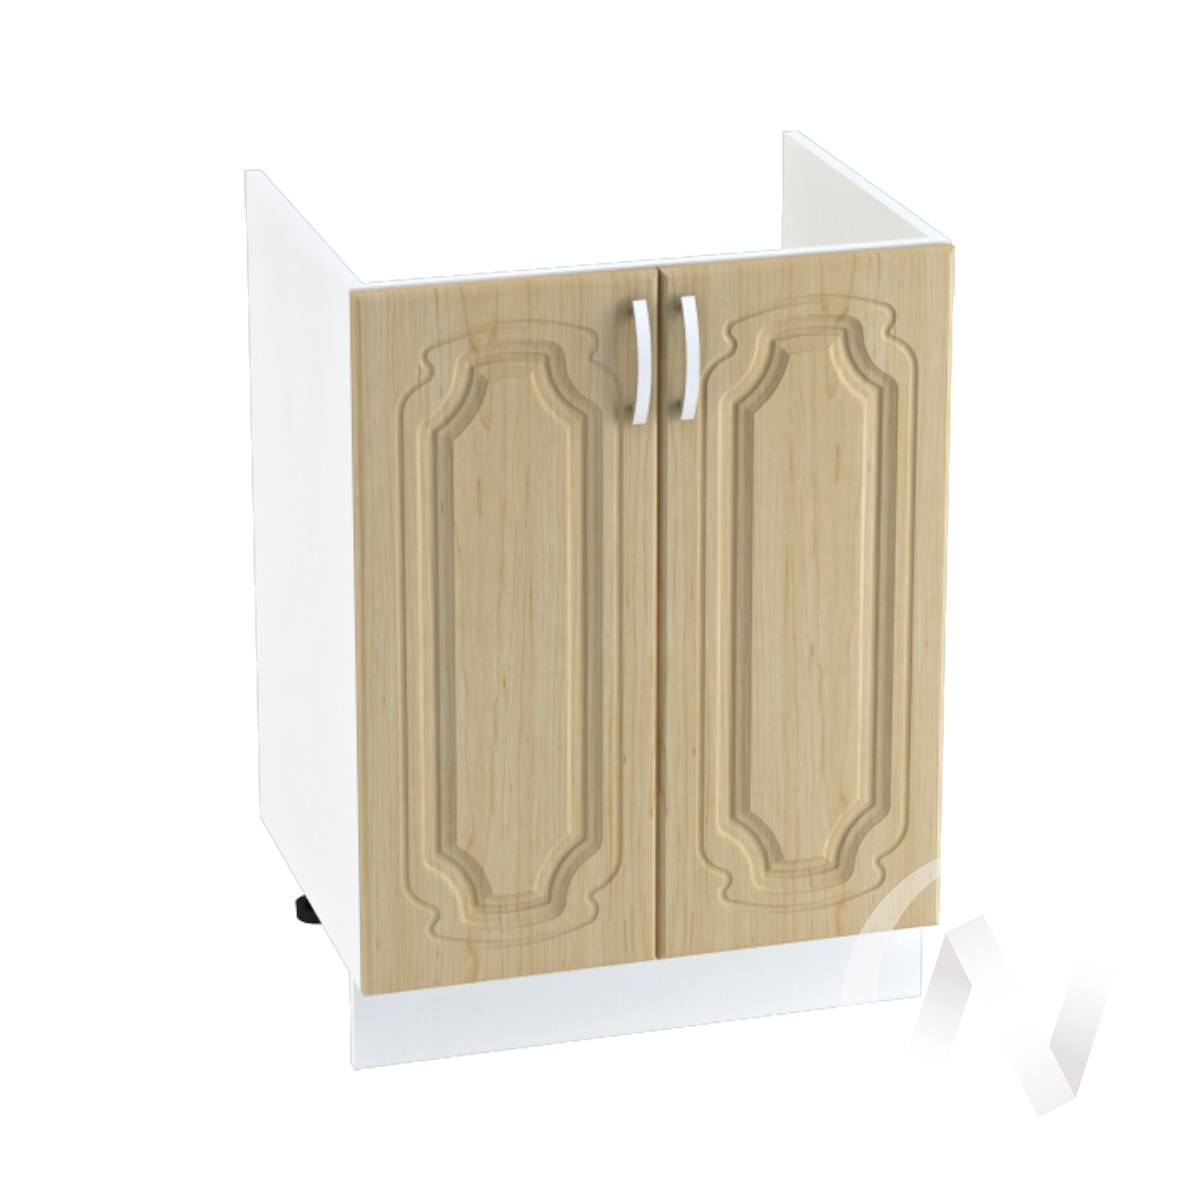 """Кухня """"Настя"""": Шкаф нижний под мойку 600, ШНМ 600 новый (Береза/корпус белый)"""